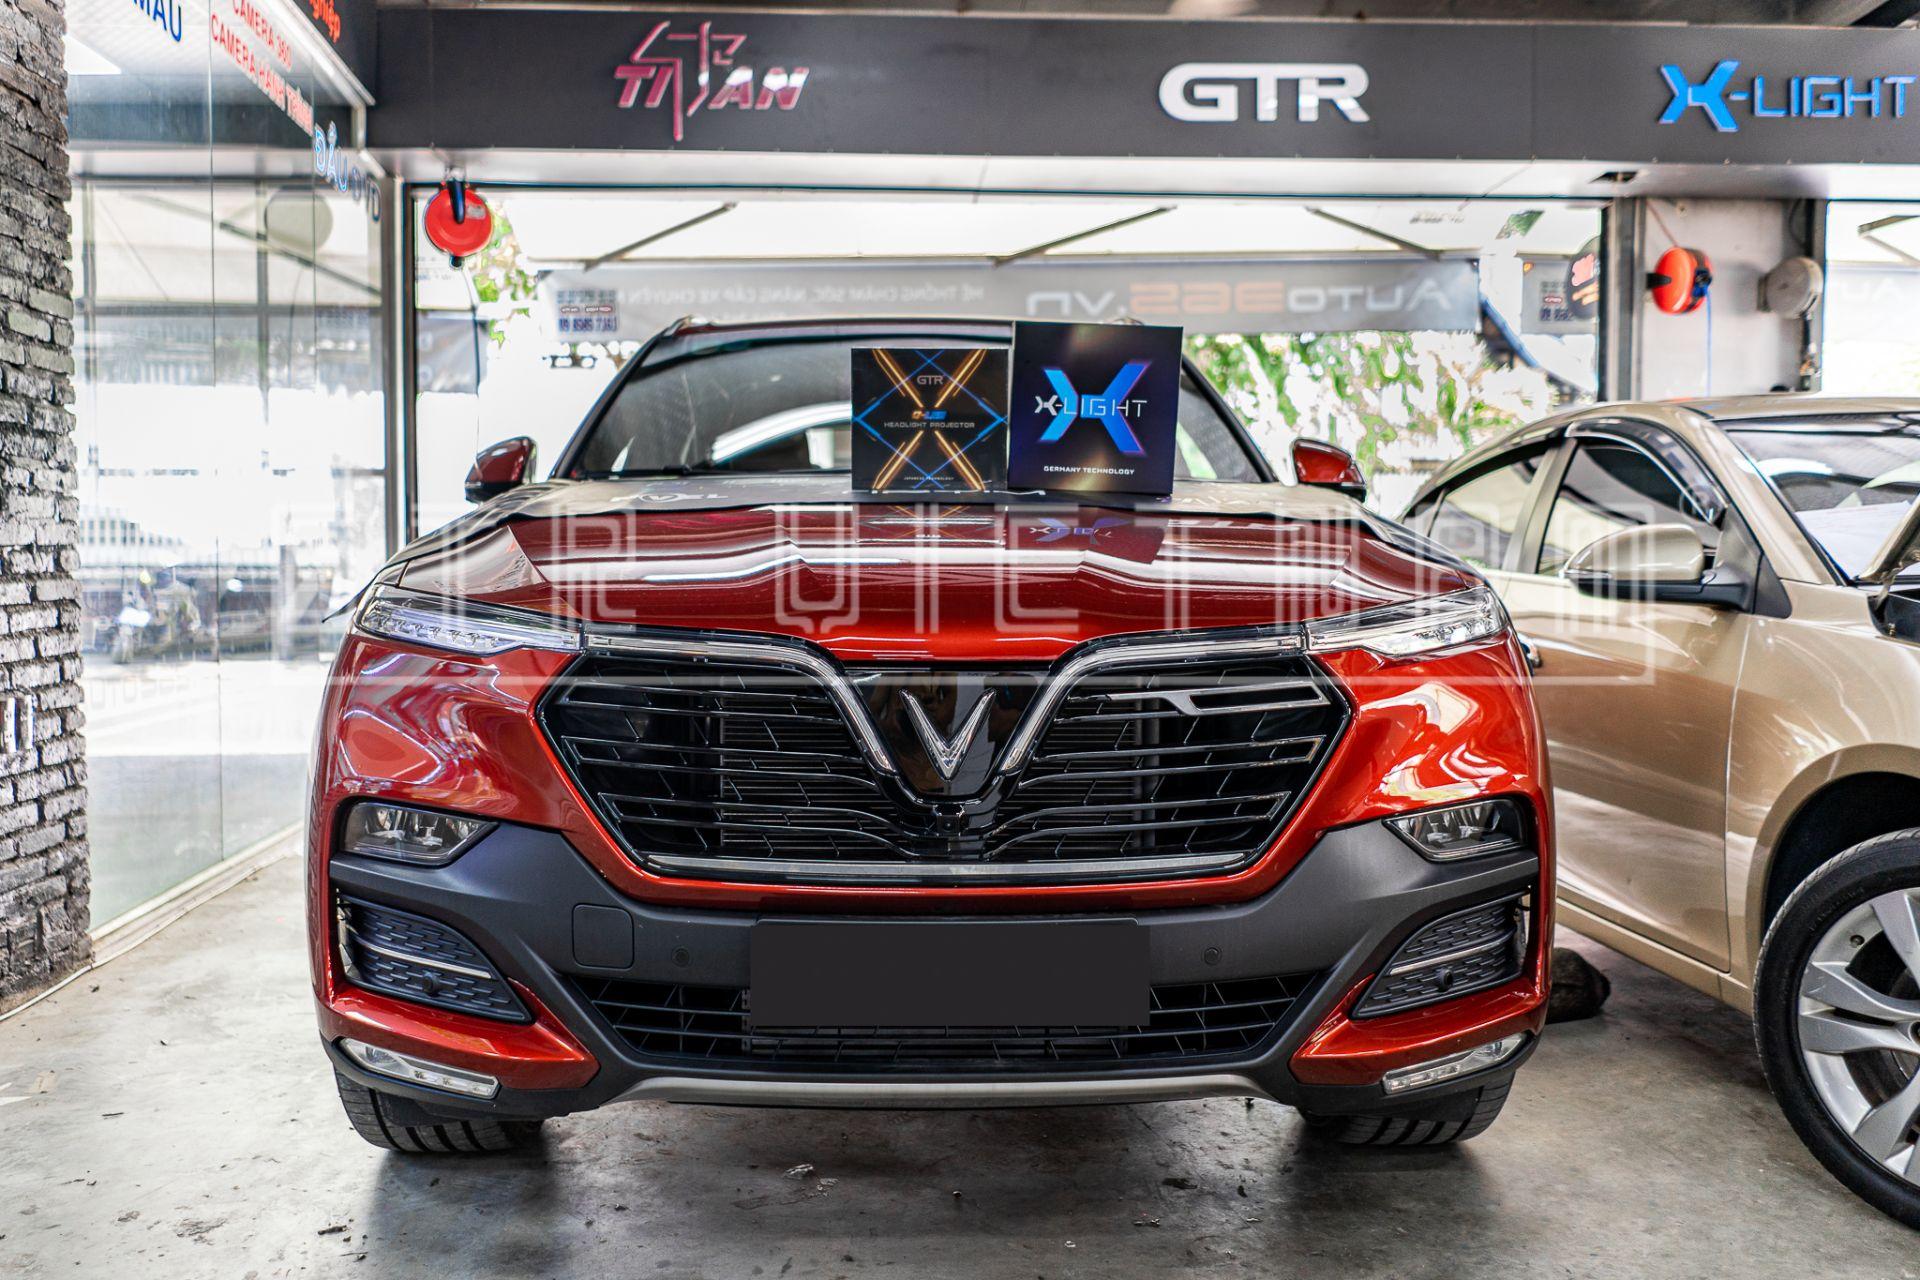 ĐỘ ĐÈN VINFAST VỚI BI LASER X-LIGHT V20L + BI LED GTR G-LED X